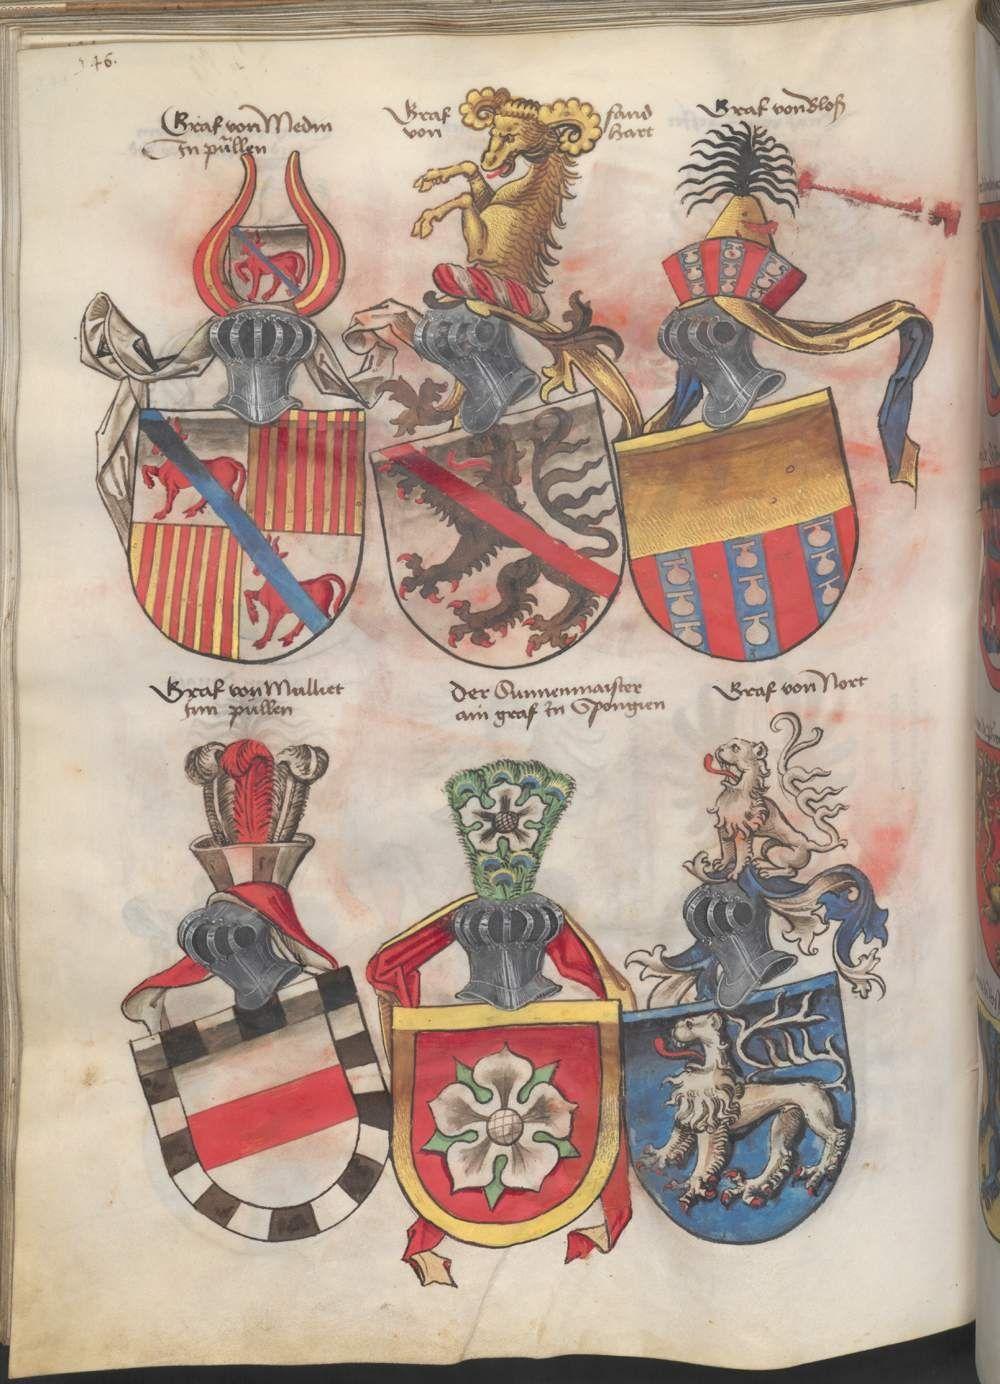 Grünenberg, Konrad: Das Wappenbuch Conrads von Grünenberg, Ritters und Bürgers zu Constanz um 1480 Cgm 145 Folio 151